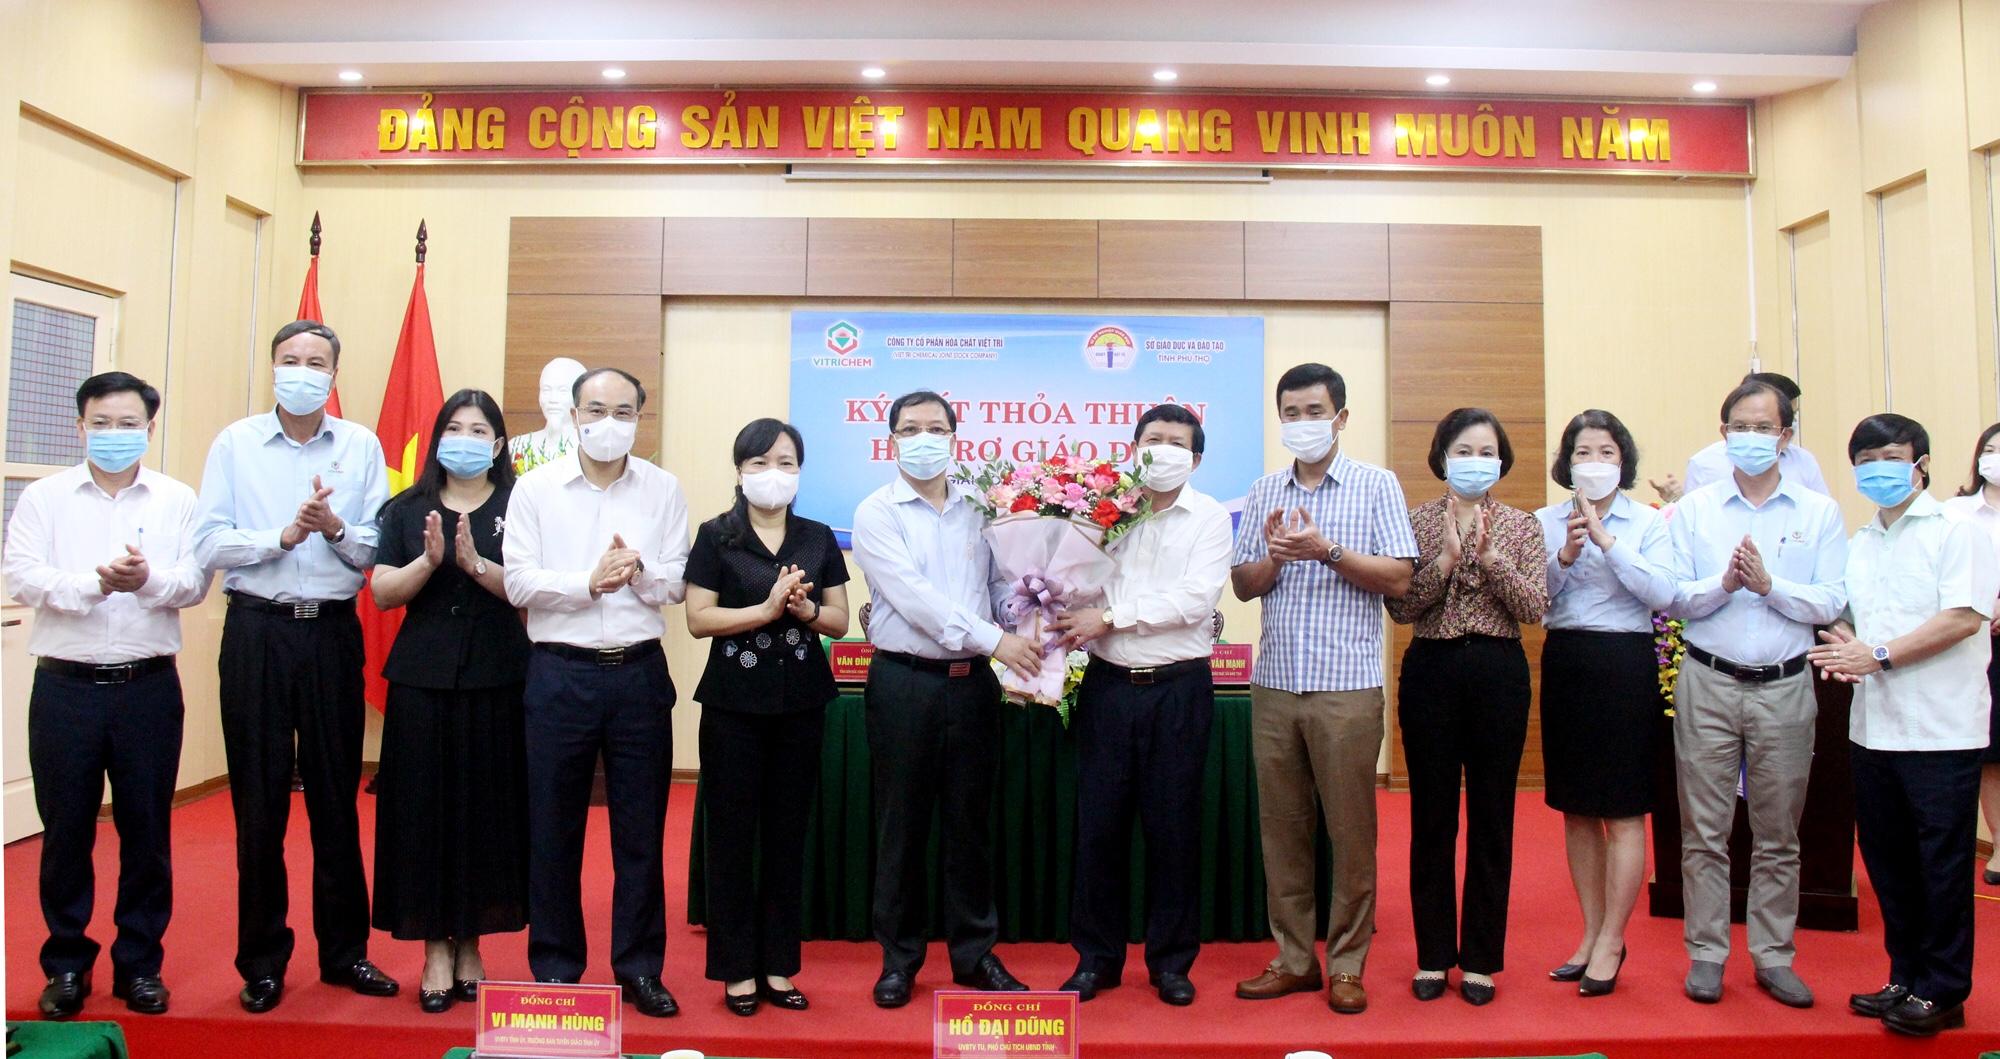 Công ty Cổ phần Hoá chất Việt Trì kí kết thoả thuận hỗ trợ giáo dục giai đoạn 2021 – 2025